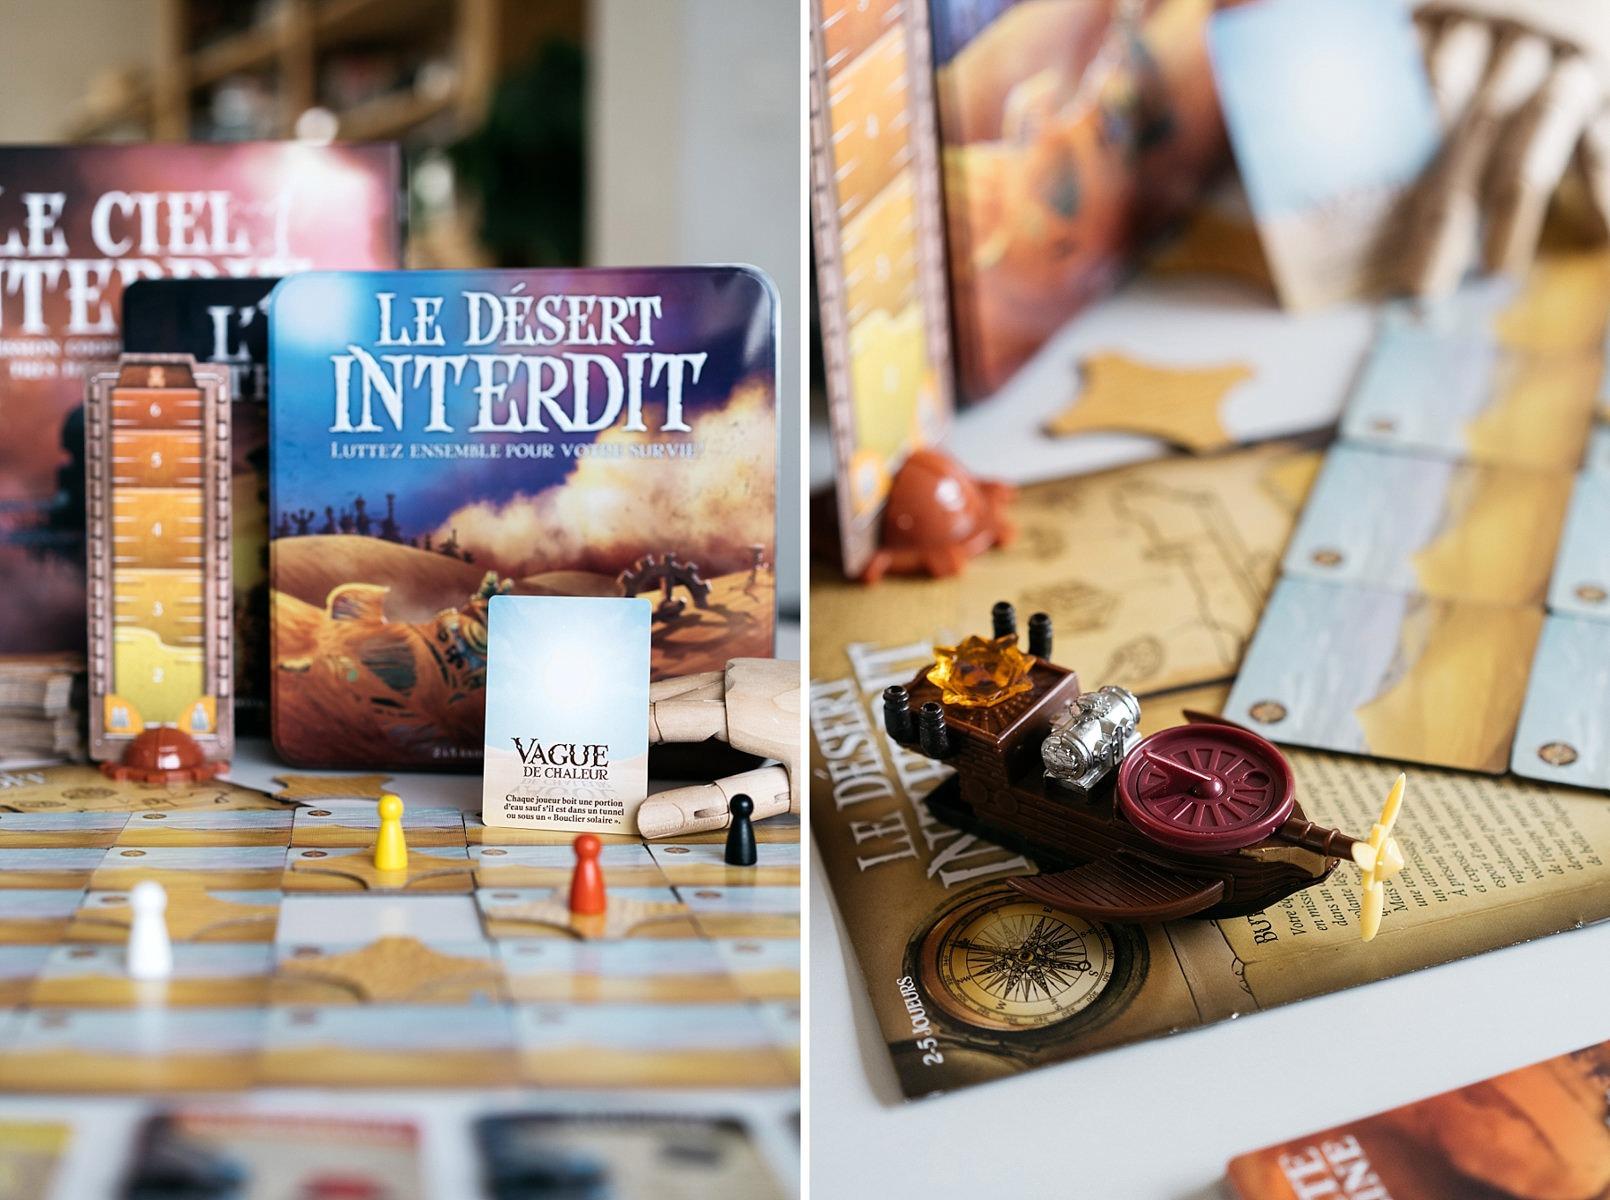 desert interdit ile interdite ciel interdit cocktail games